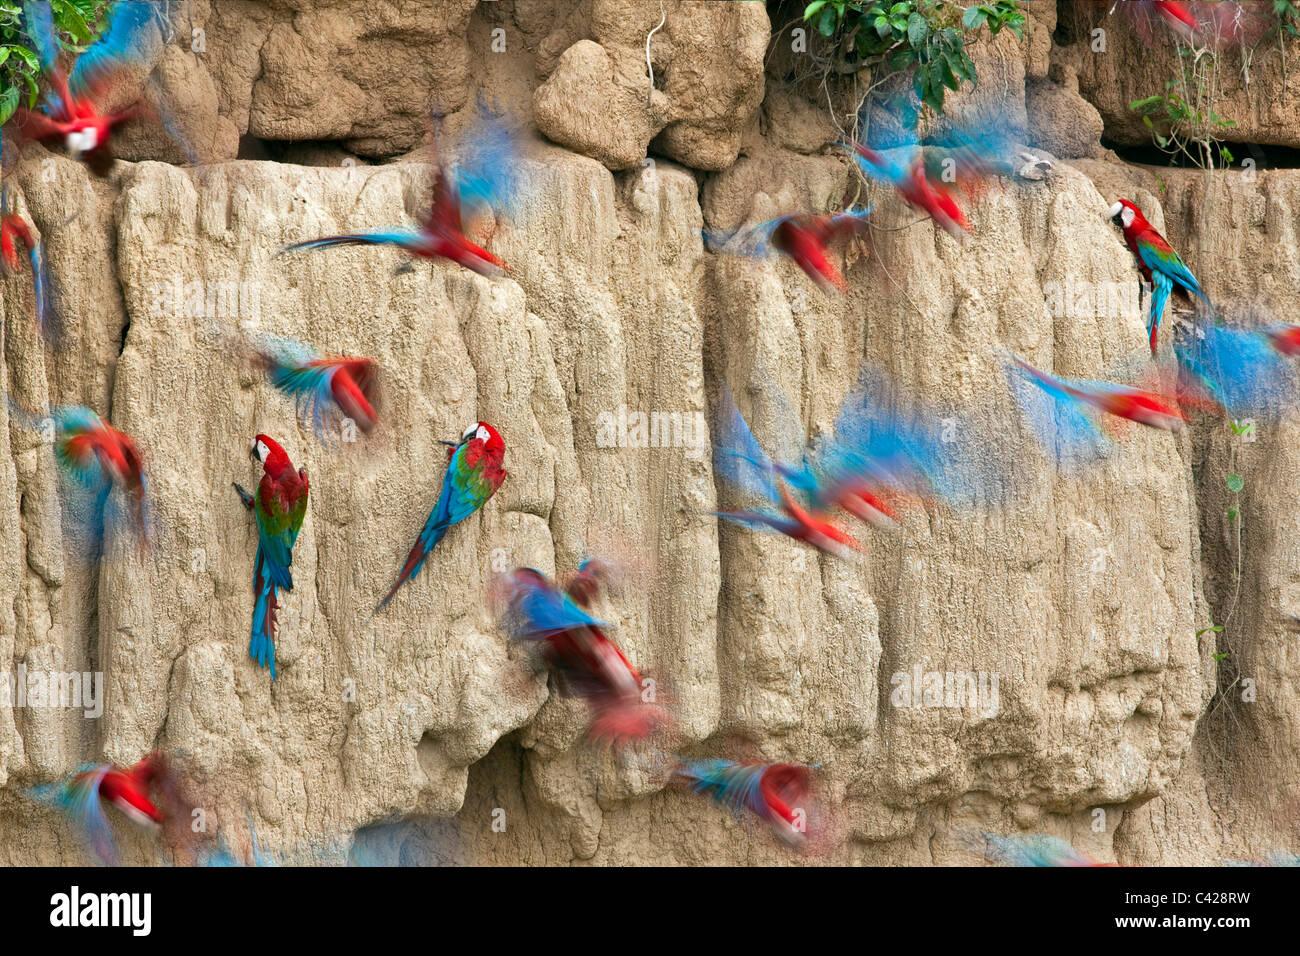 Parco Nazionale del Manu, il rosso e il verde Macaws ( Ara chloroptera ) ingestione di argilla da Tambo Blanquillo Immagini Stock